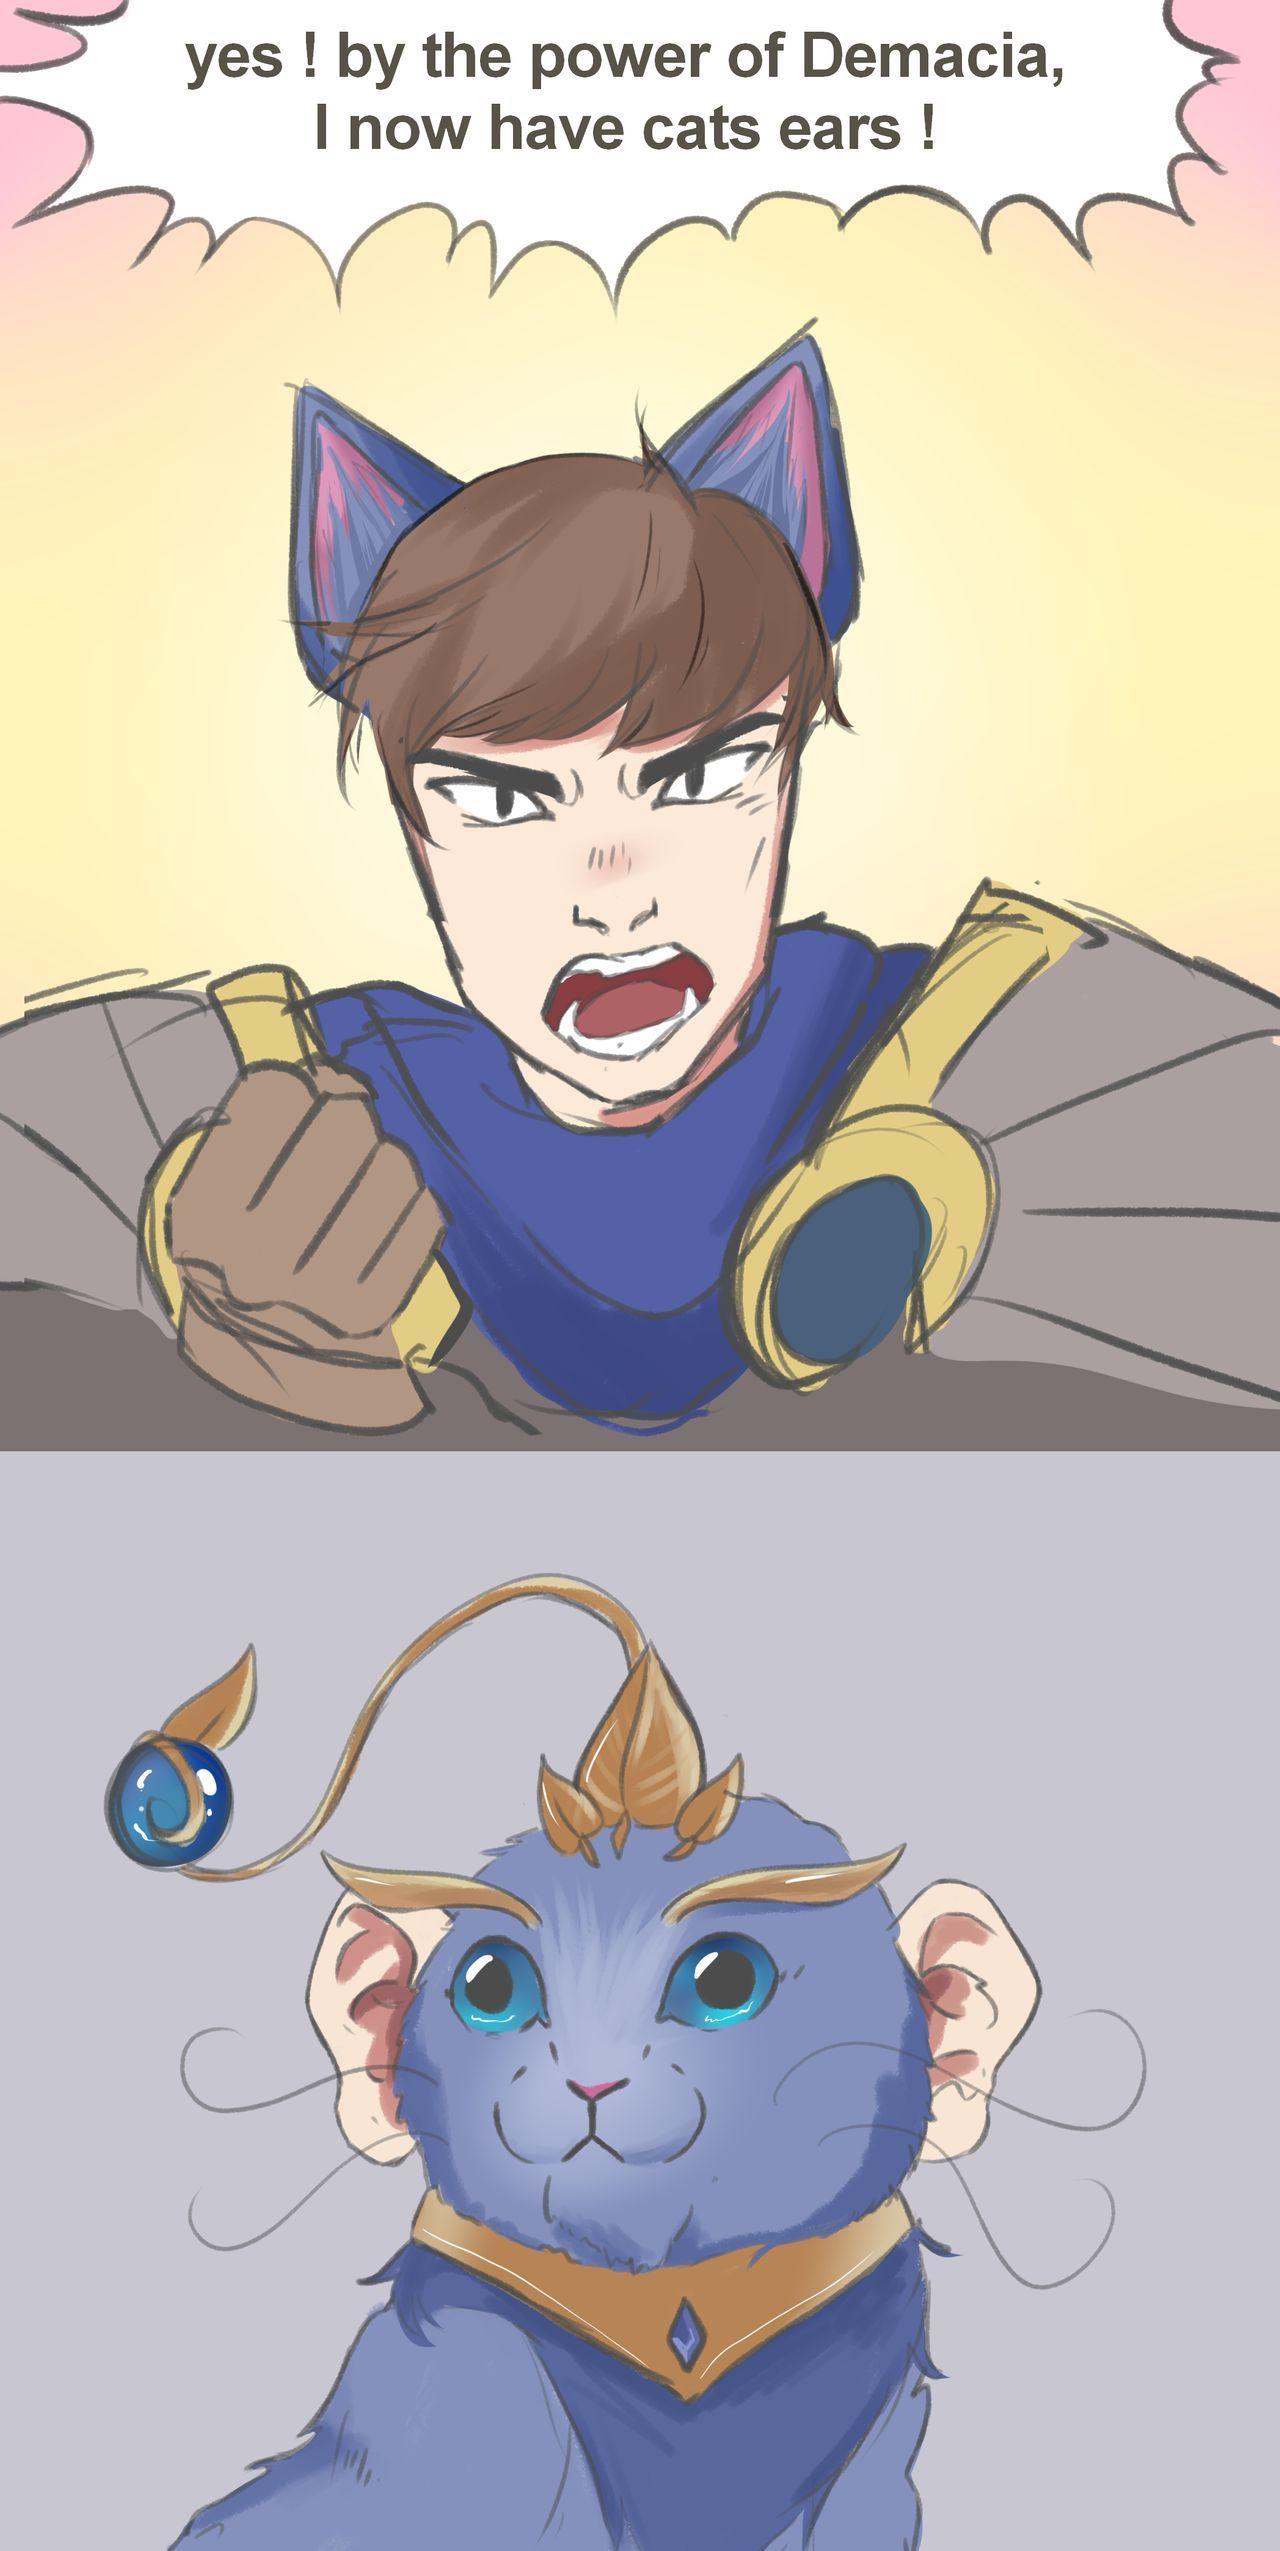 Pin By Jennifer Nguyen On League Of Legends Lol League Of Legends League Of Legends Characters League Memes